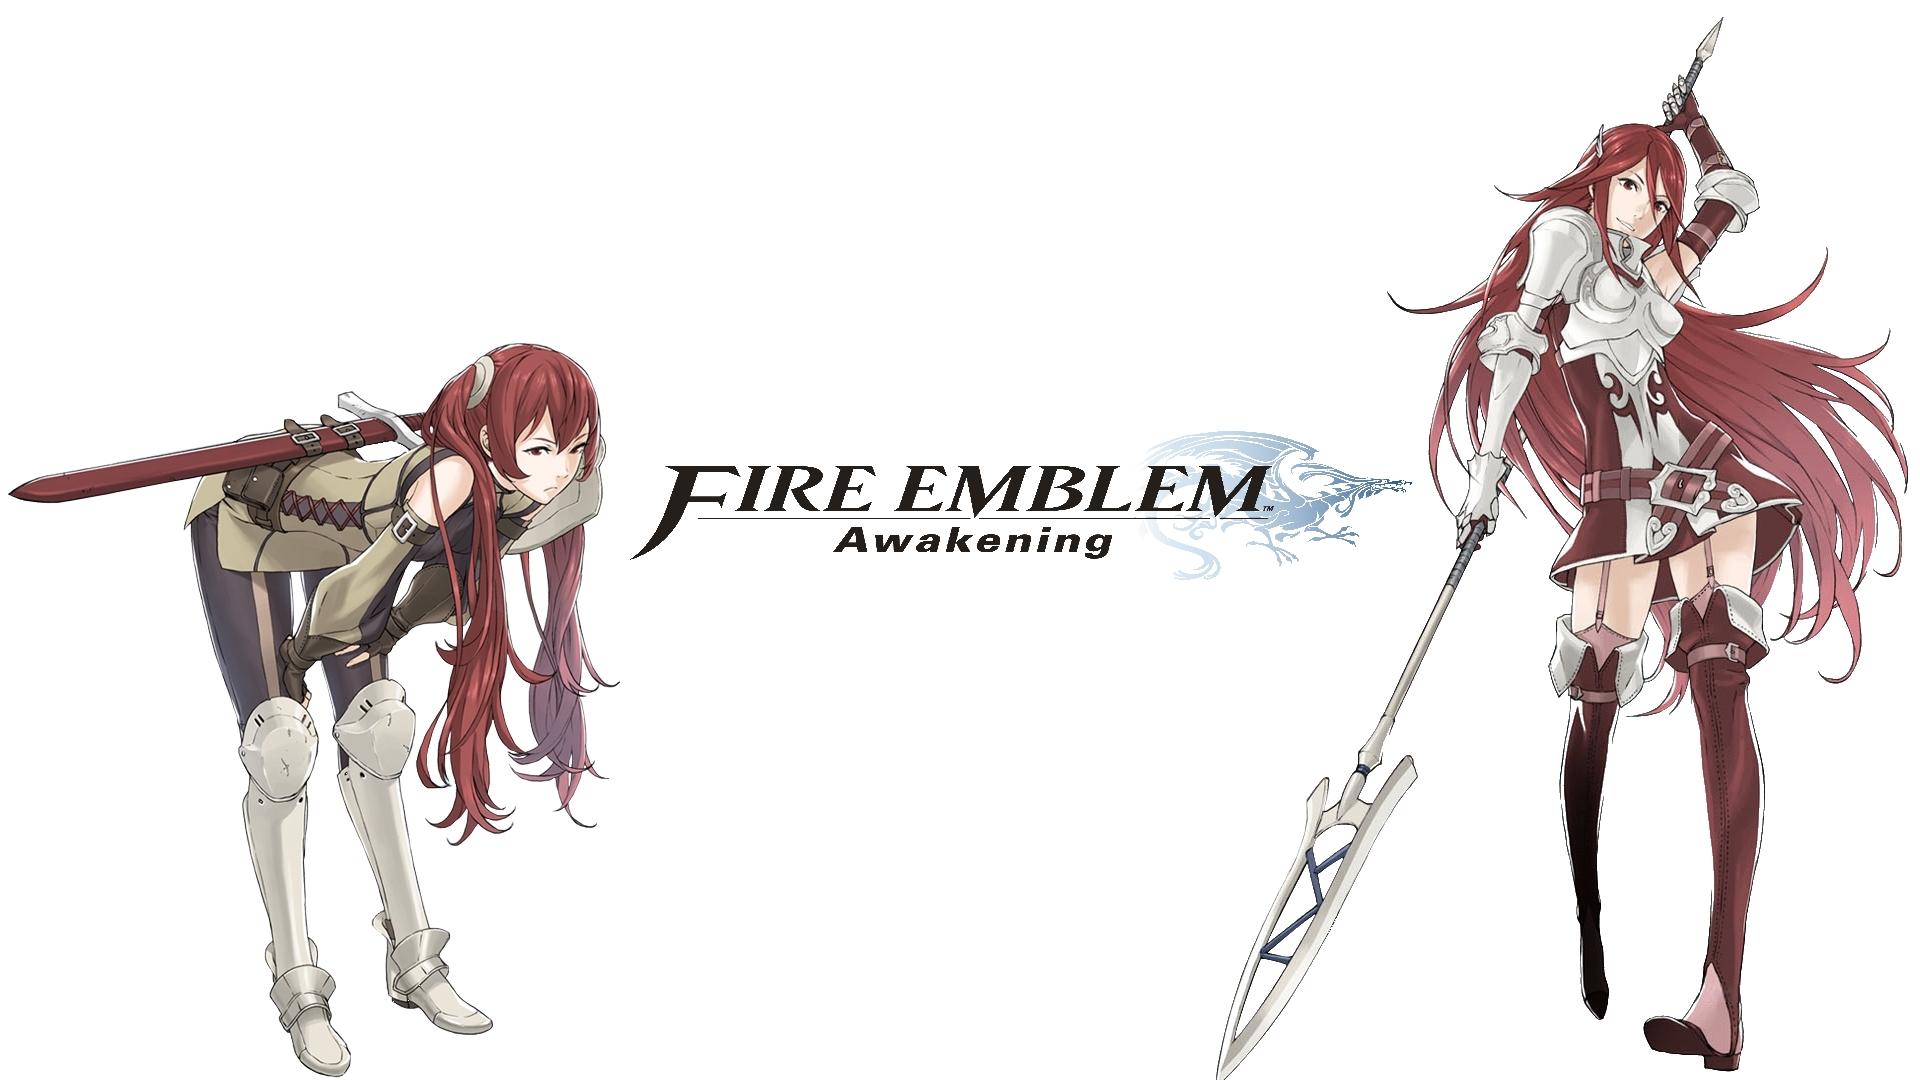 Fire Emblem Wallpaper Fire Emblem Cordelia And Caeldori 473943